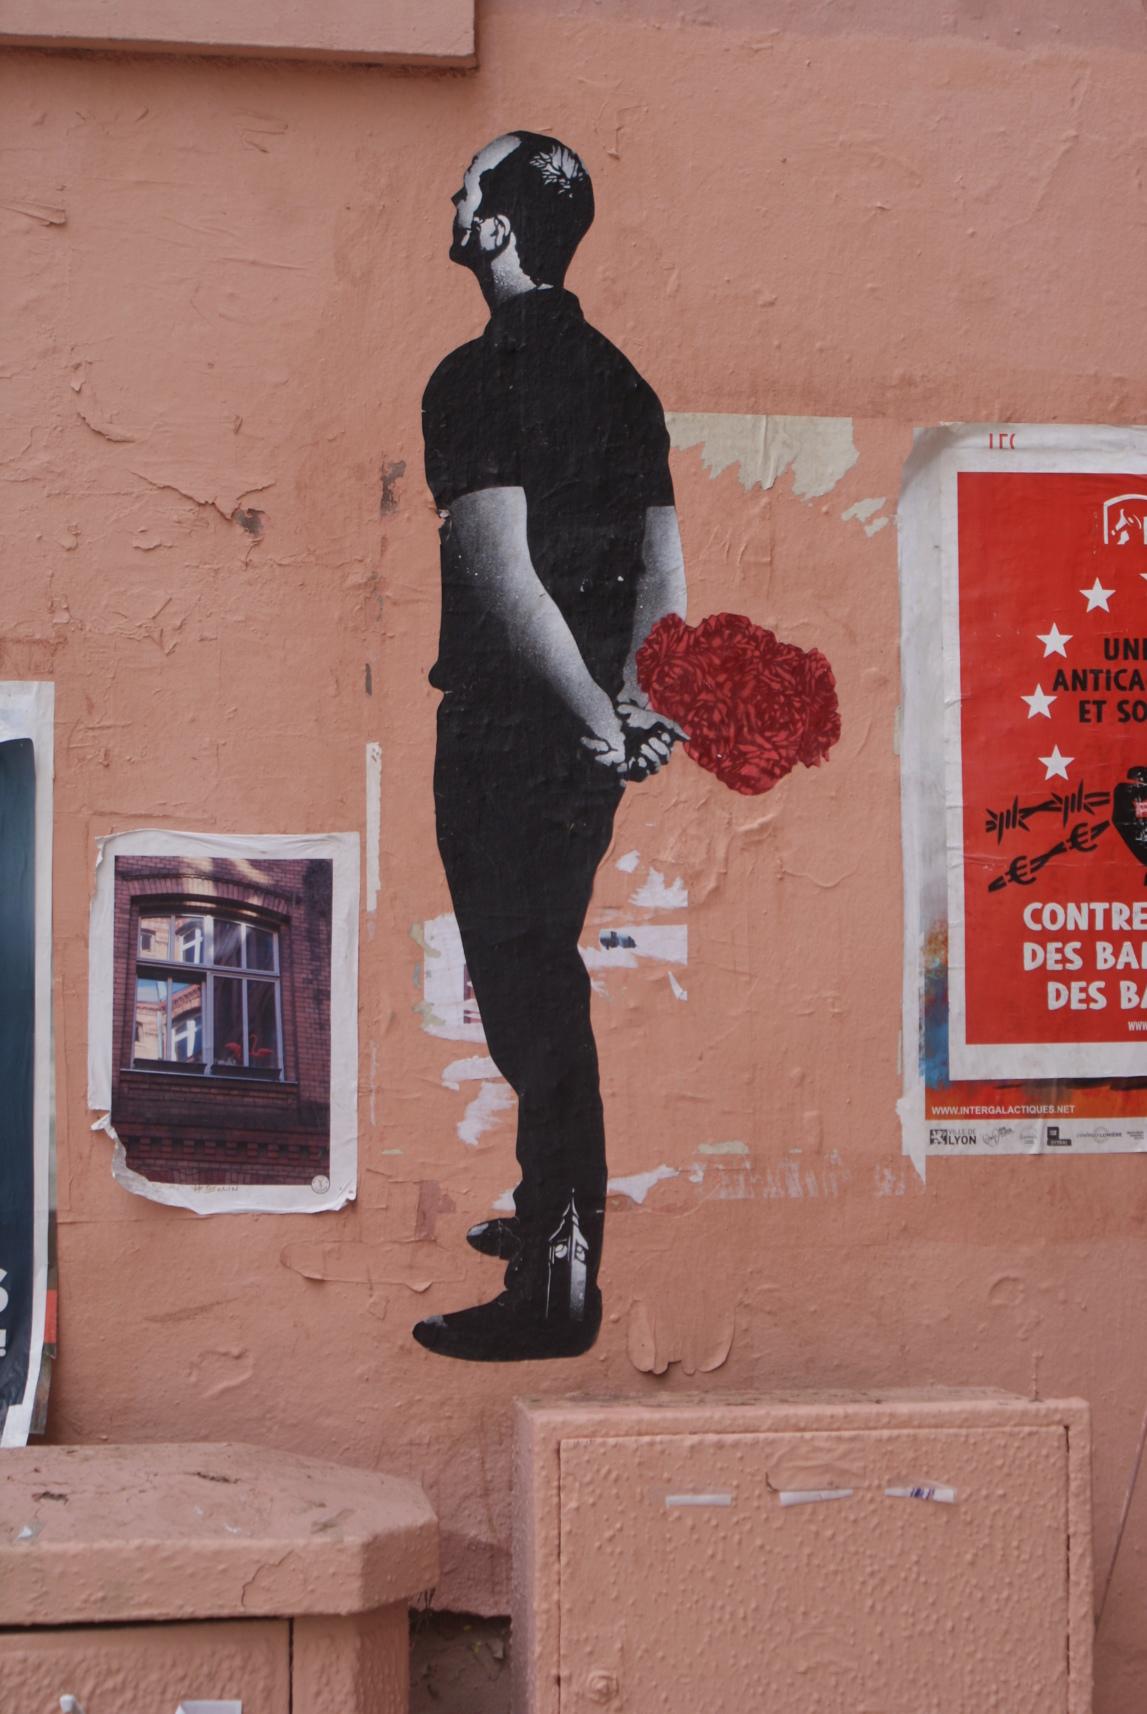 [street art-rue et manifs] Peinture fraîche, à Lyon 2019 - Page 7 Dsc05415